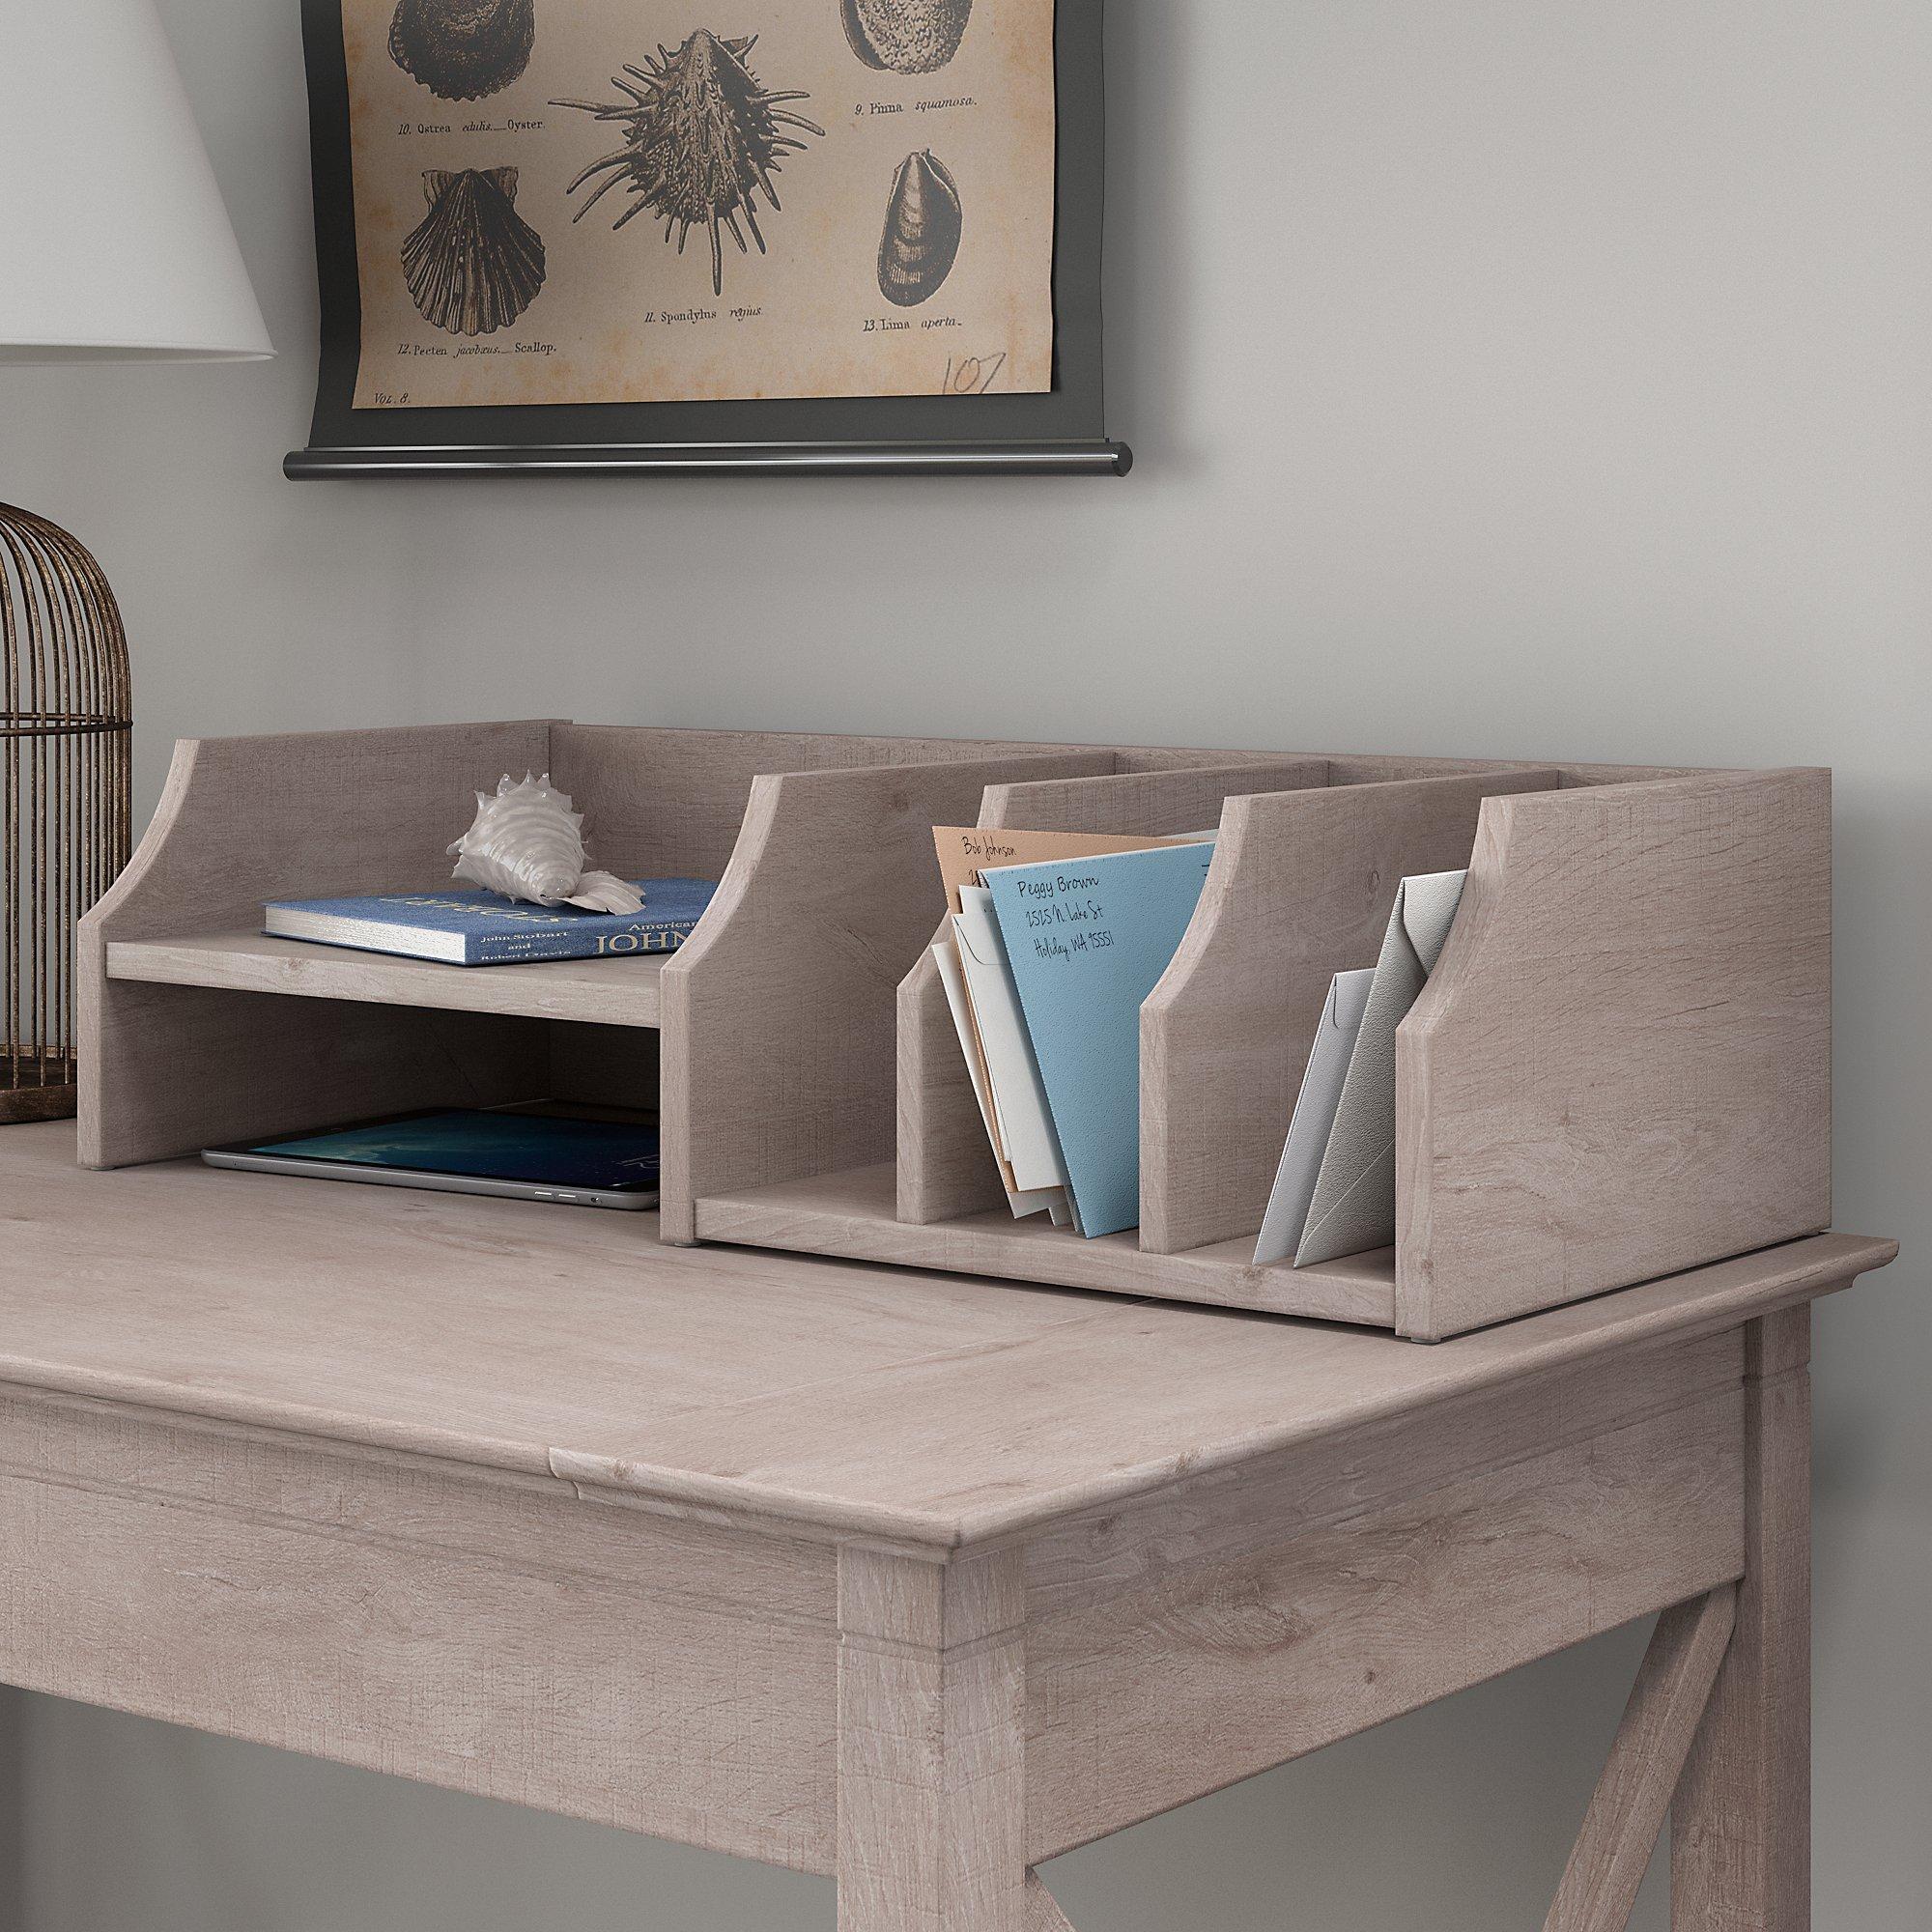 Bush Furniture KWS227WG-03 Desktop Organizer with Drawers, Washed Gray